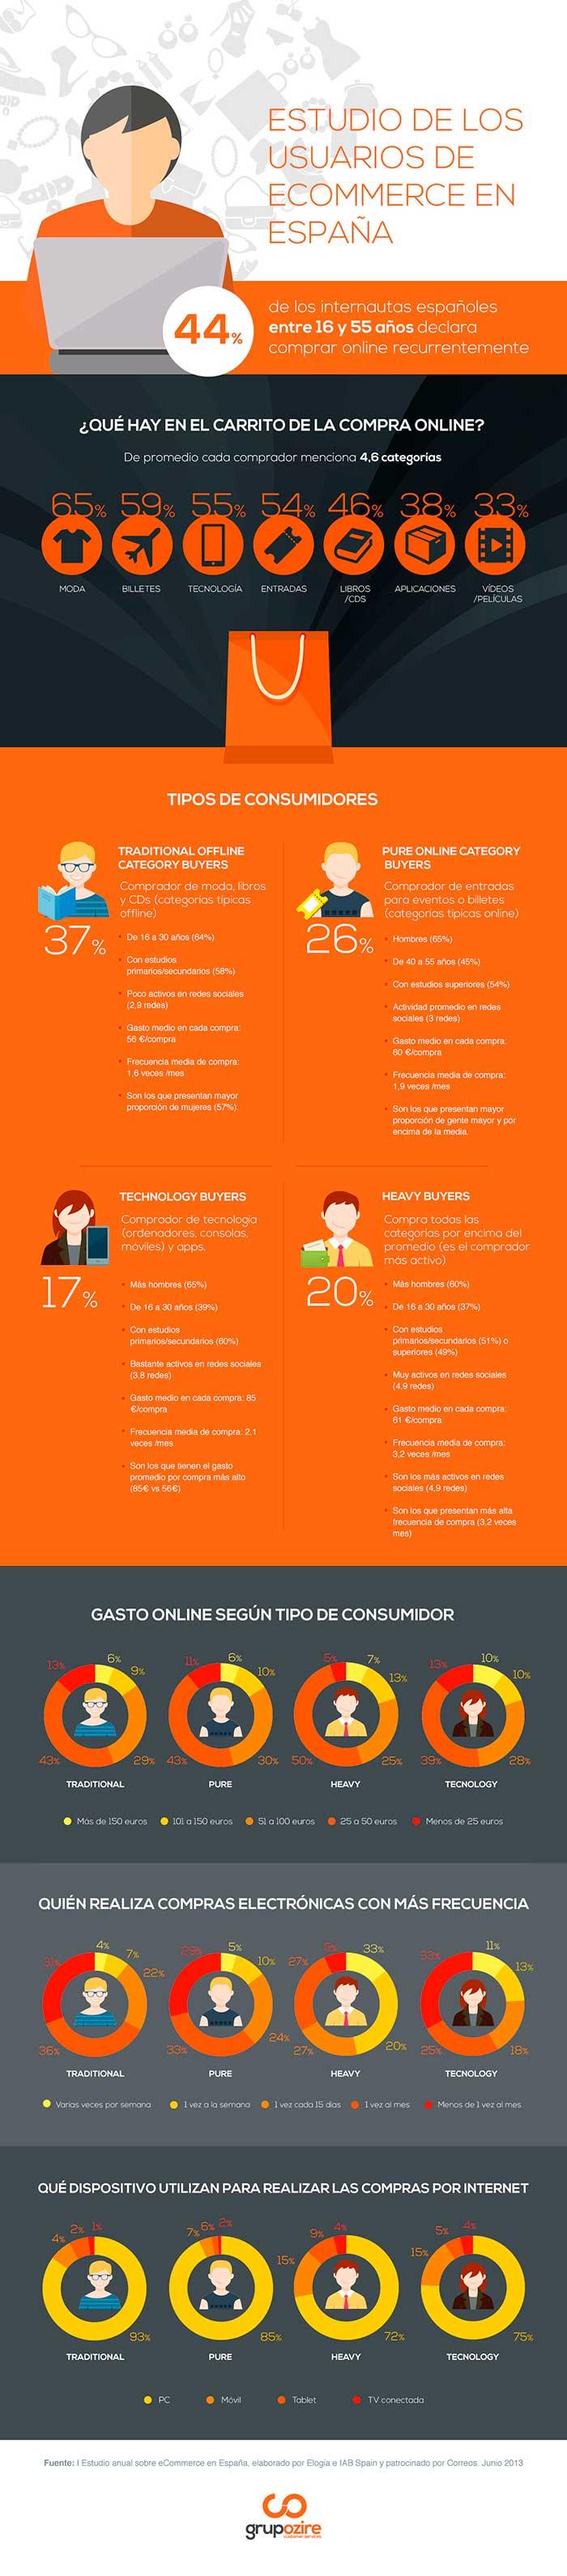 Infografia sobre los usuarios de ecommerce en España